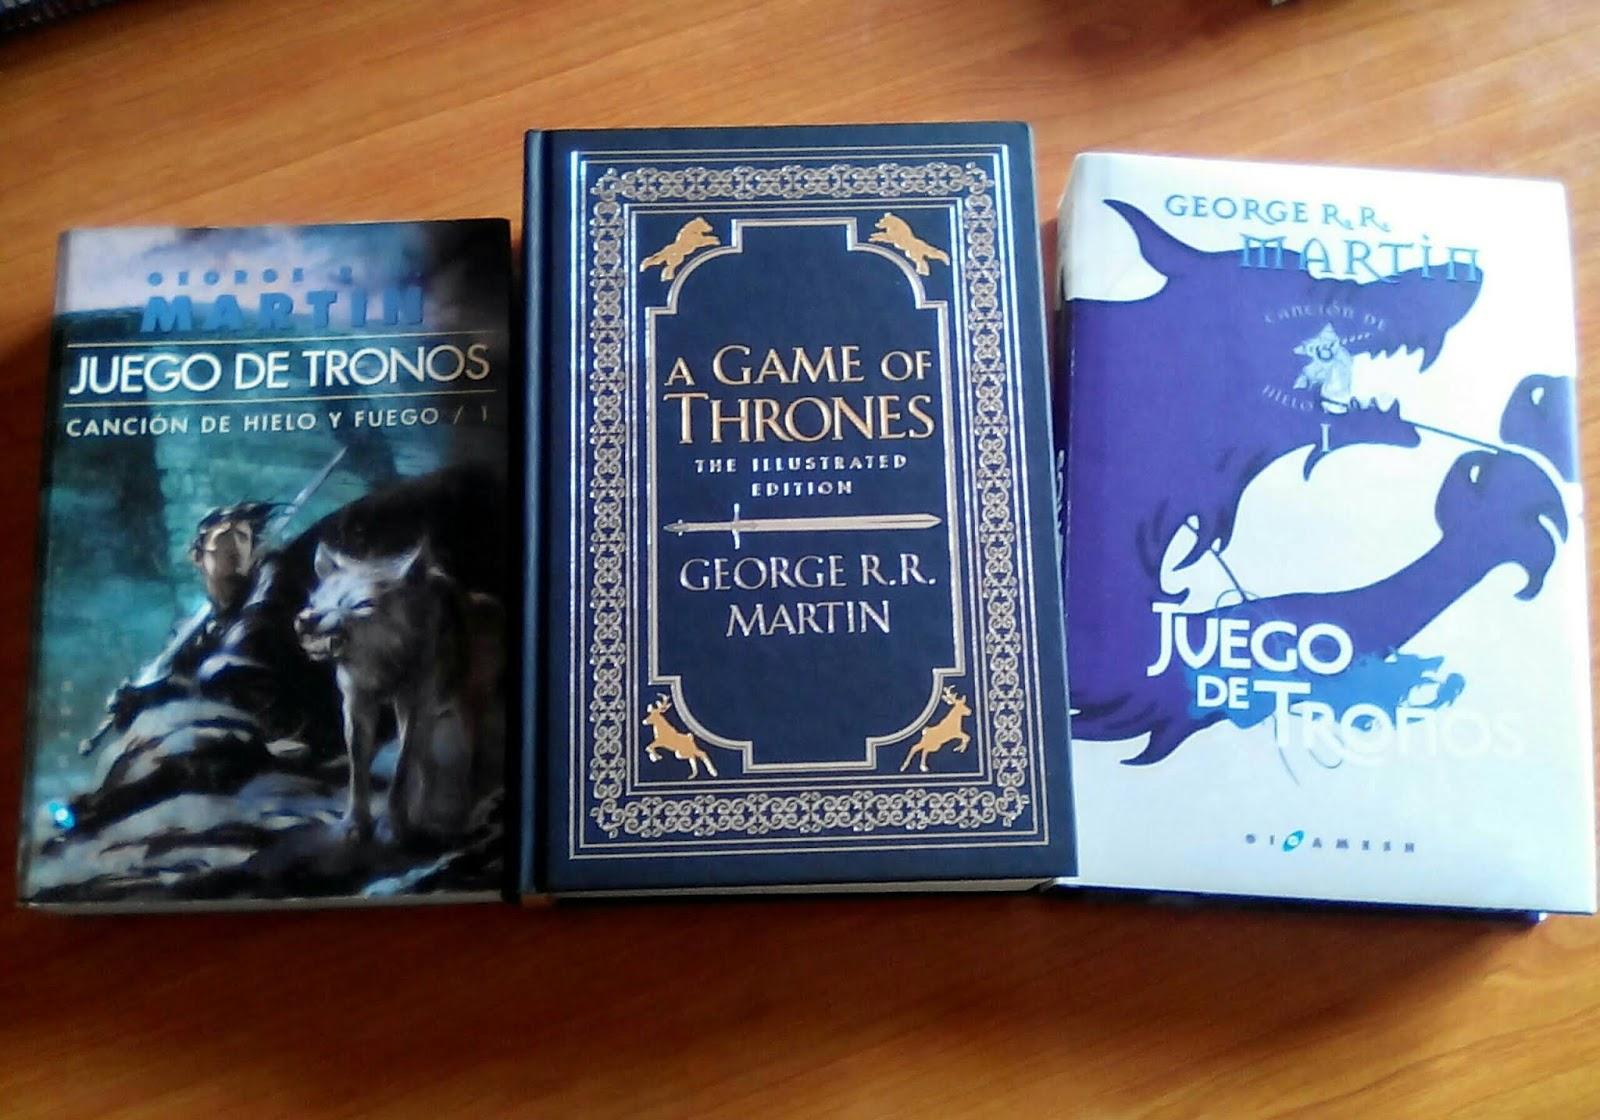 ... los ejemplares de Juego de tronos de mi biblioteca (junto con la  hermosa edición ilustrada 20 Aniversario de A Game of Thrones, de la que  también podéis ...